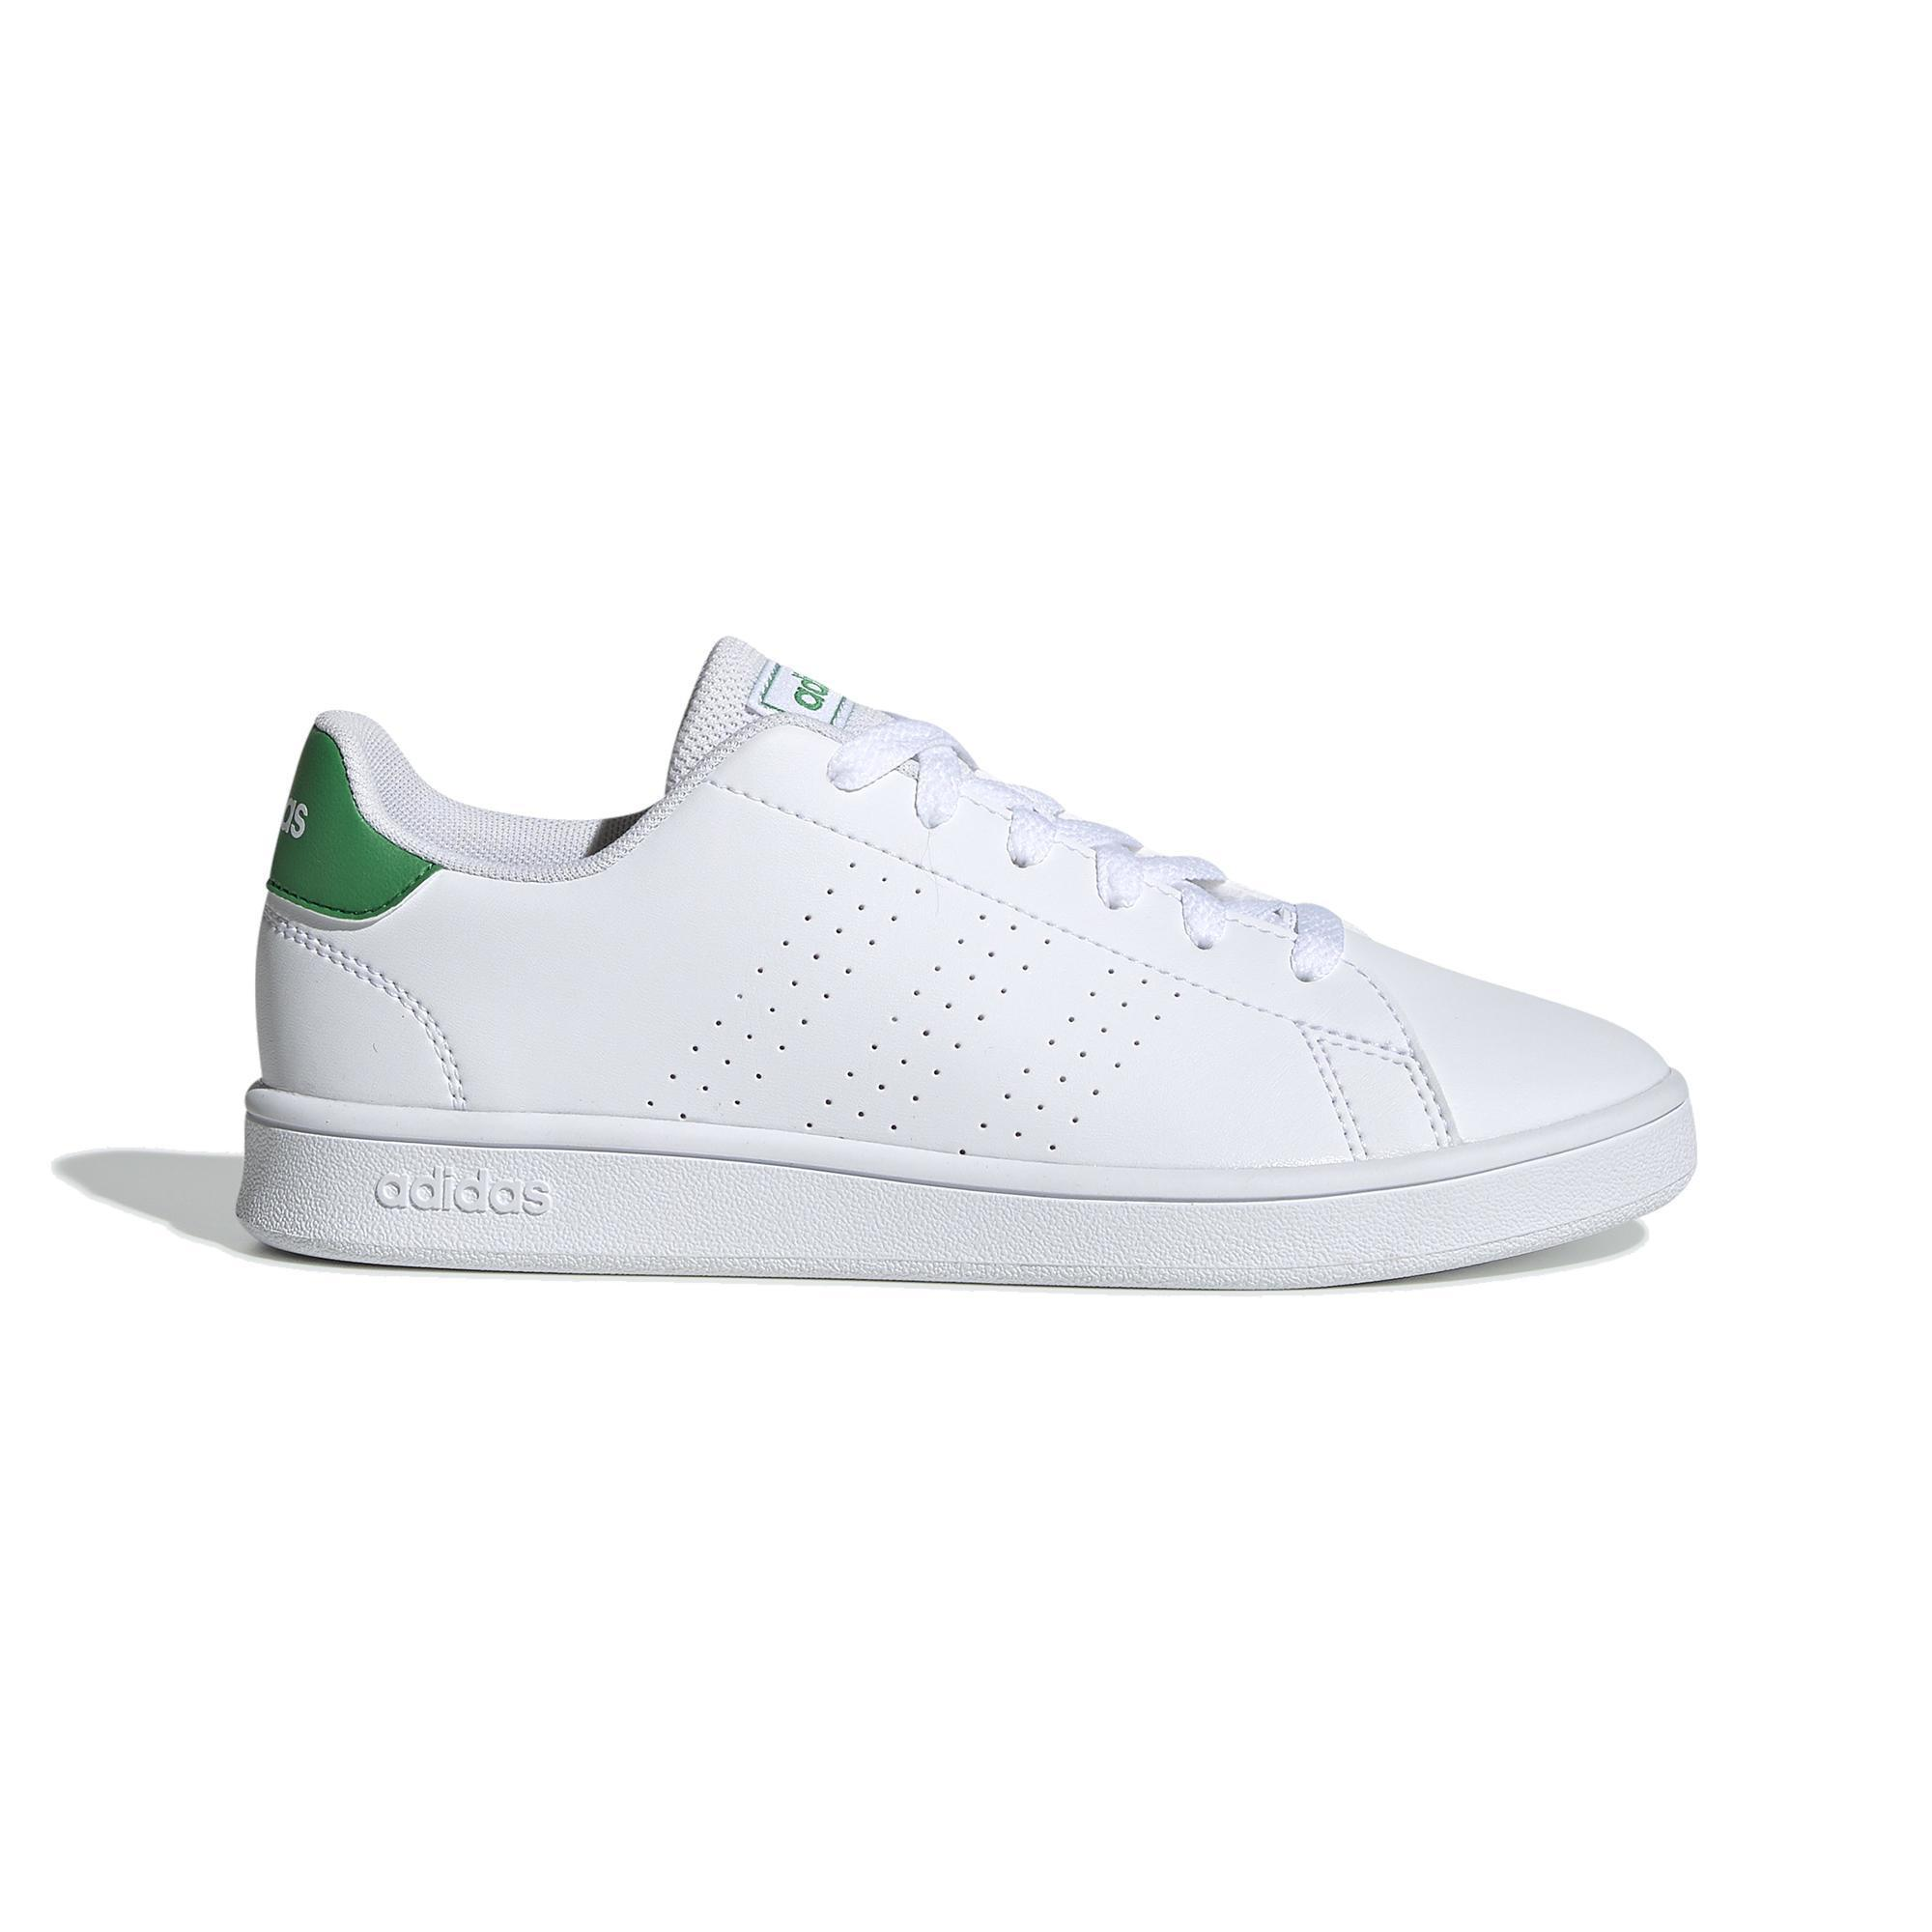 saludo Colonos frente  zapatillas adidas superstar decathlon - Tienda Online de Zapatos, Ropa y  Complementos de marca